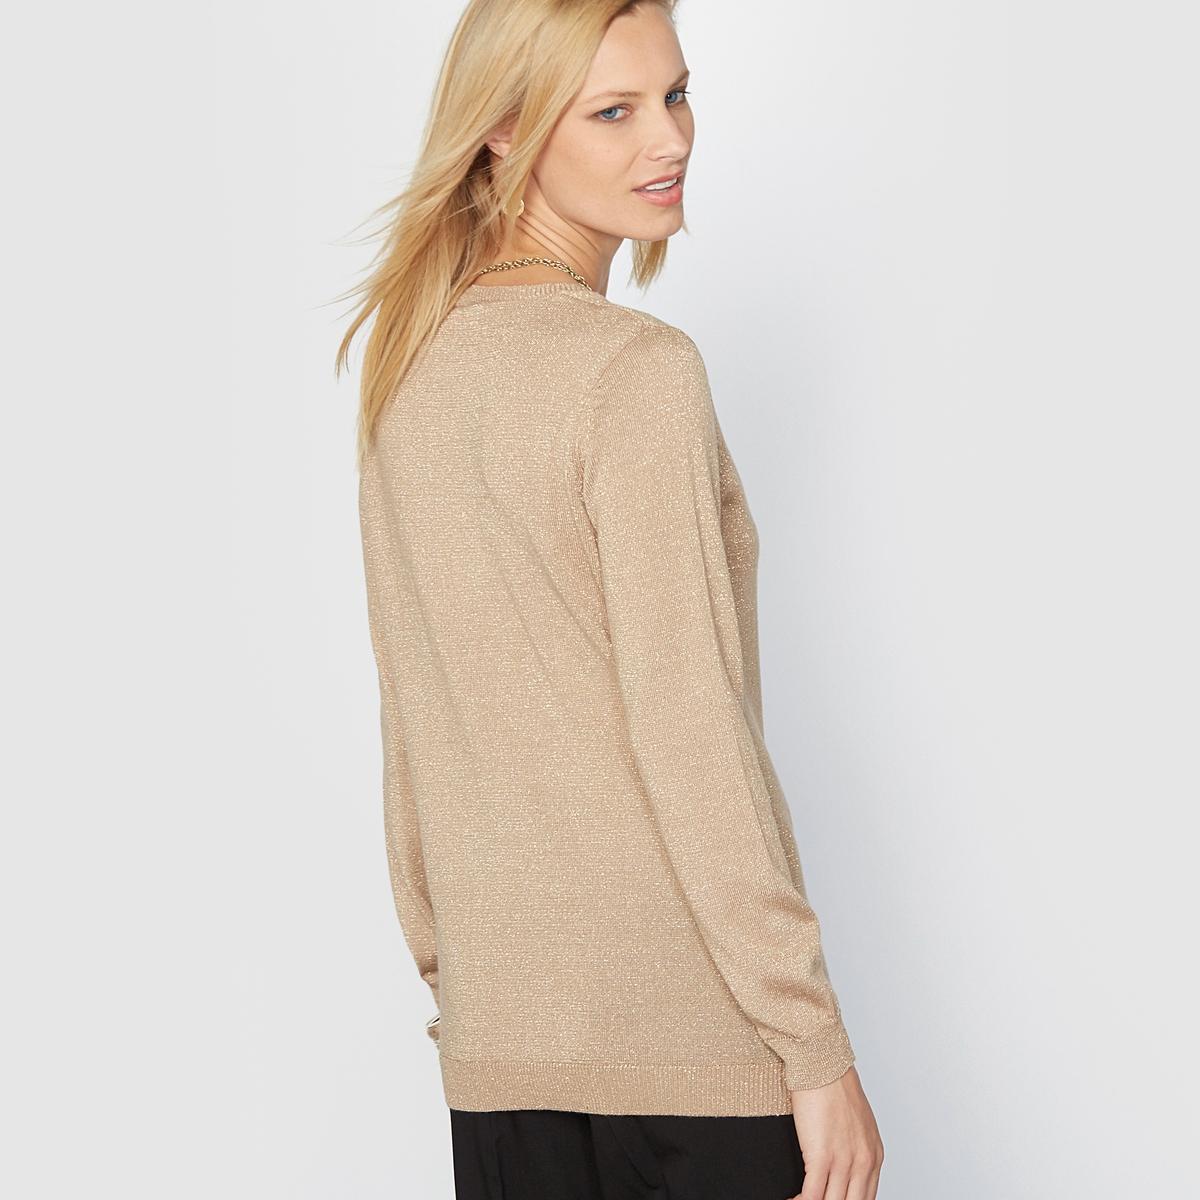 Пуловер из блестящего трикотажа, 13% шерстиЭлегантный и женственный пуловер из красивого блестящего трикотажа. Оригинальный V-образный вырез с небольшим бантиком. Отделка рубчиком выреза, краёв низа и длинных рукавов. Приспущенные плечевые швы.Состав и описание :Материал : Блестящий трикотаж,  71% акрила, 13% шерсти, 10% полиэстера, 6% металлизированных волокон.Длина: 62 см.Марка : Anne WeyburnУход :Машинная стирка при 30° на умеренном режиме с изнанки .Гладить на низкой температуре с изнанки.<br><br>Цвет: бронзовый